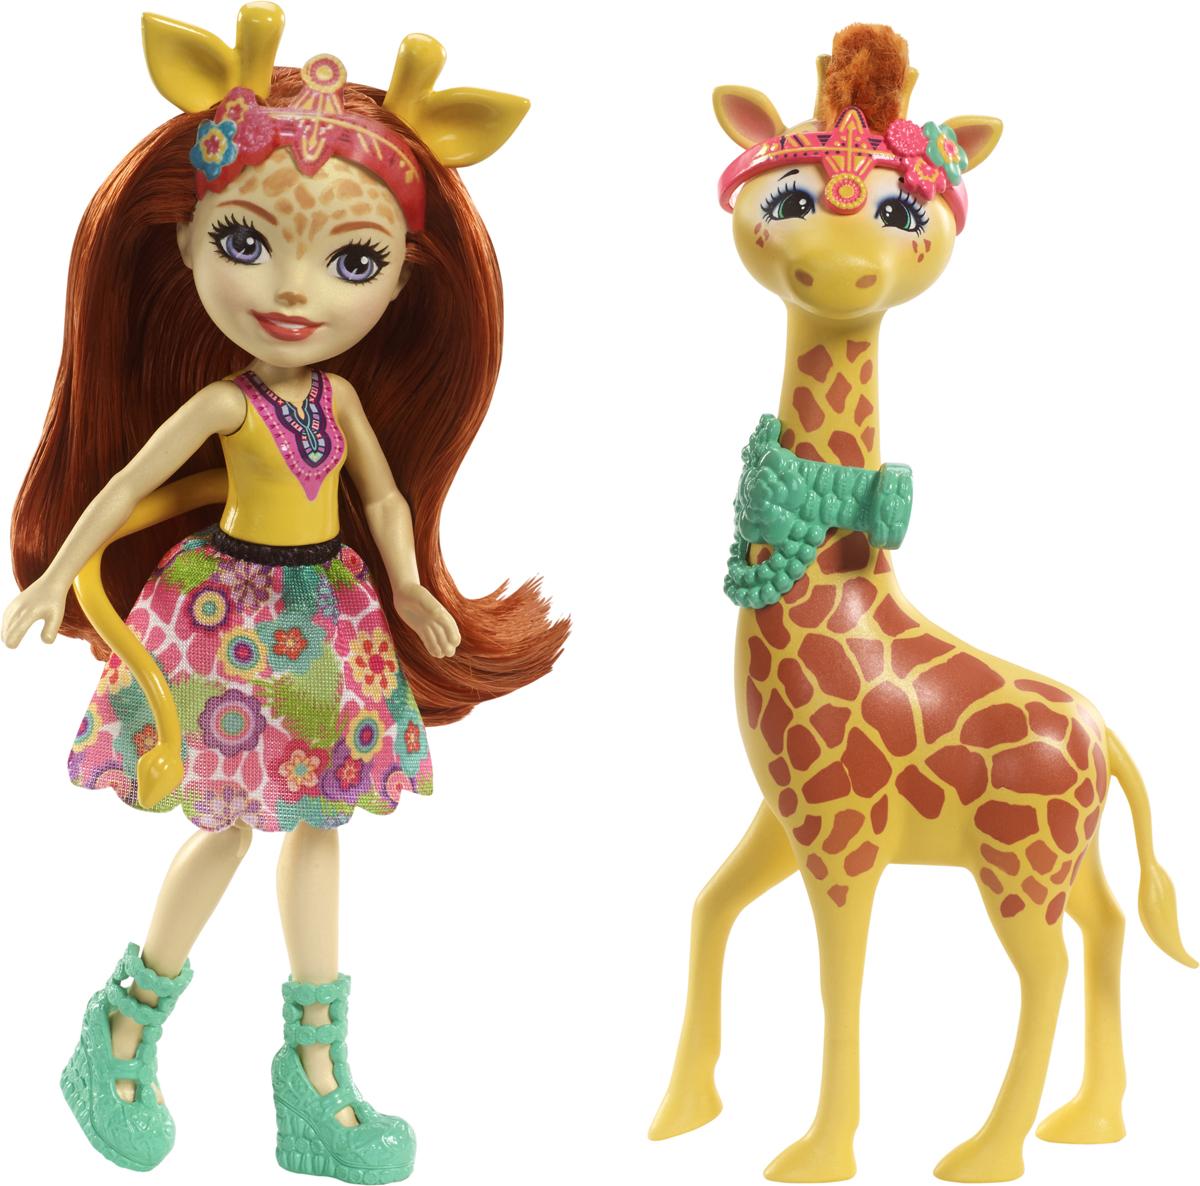 Enchantimals Игровой набор с куклой Gillian Giraffe & Pawl enchantimals игровой набор с куклой sage scunk